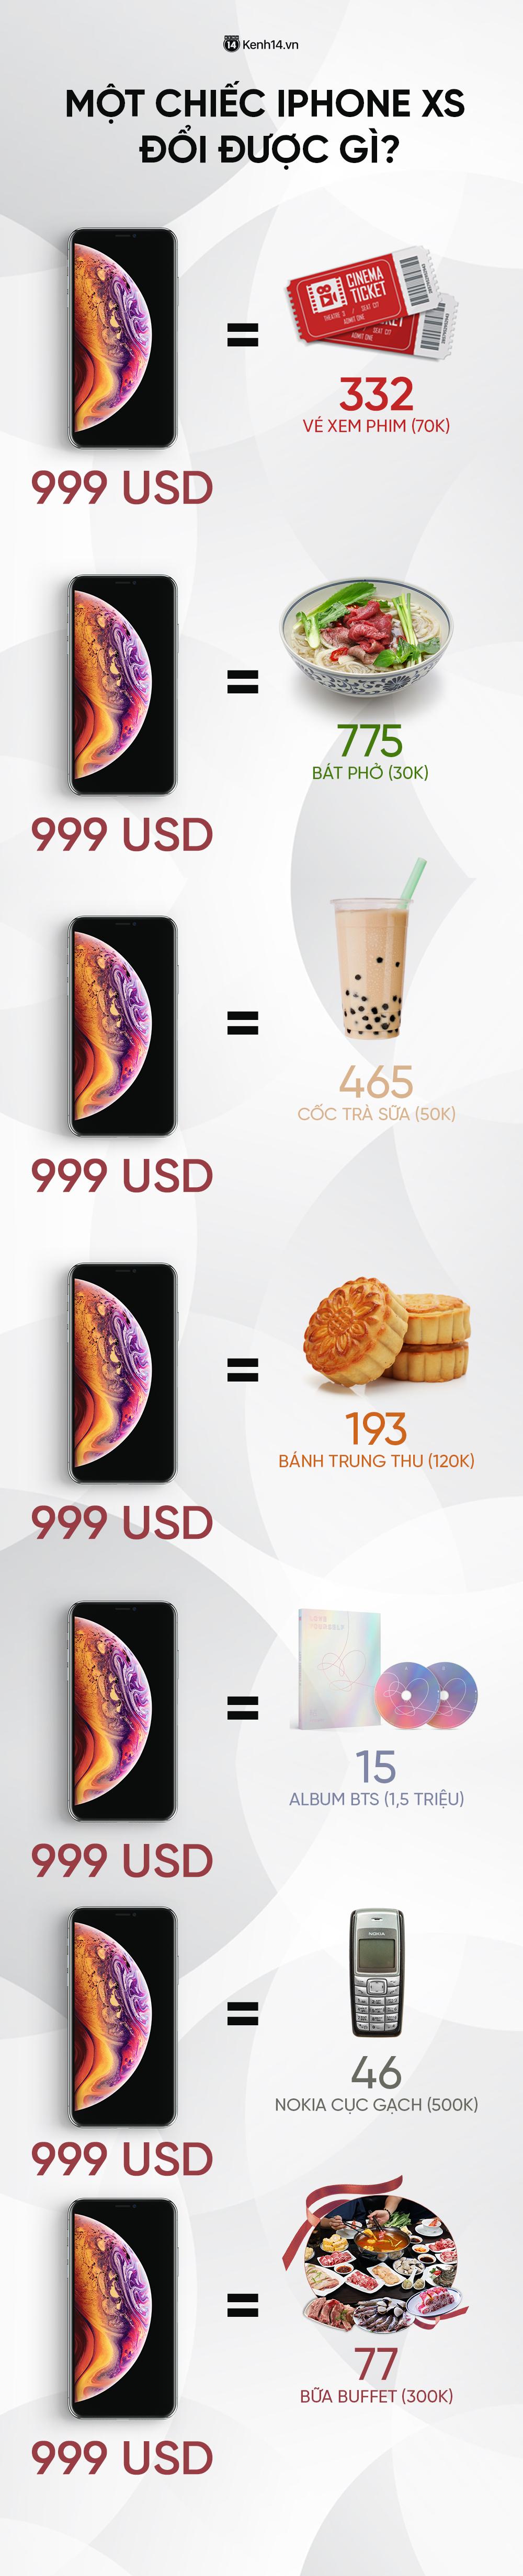 Cả iPhone Xs thu lại vừa bằng bao nhiêu bát phở, bao nhiêu cốc trà sữa và album của BTS? - Ảnh 1.